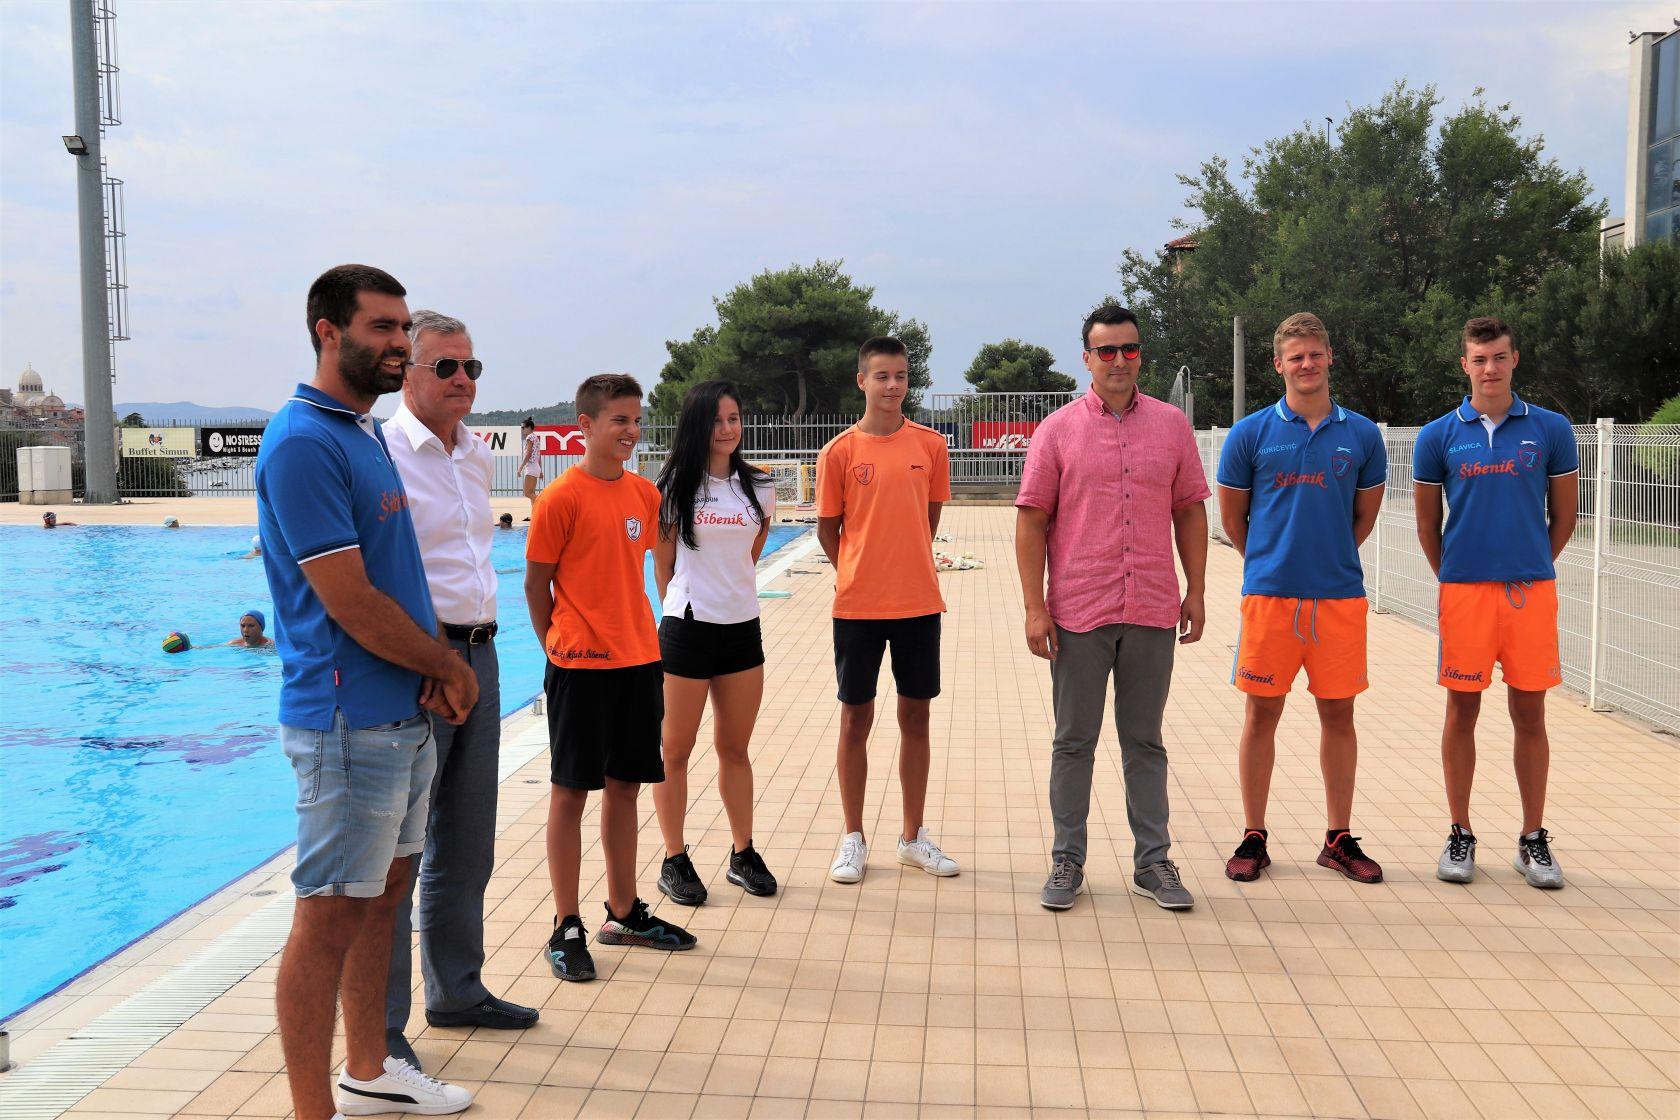 Gradonačelnik Željko Burić posjetio uspješne plivače i plivačice iz PK Šibenik